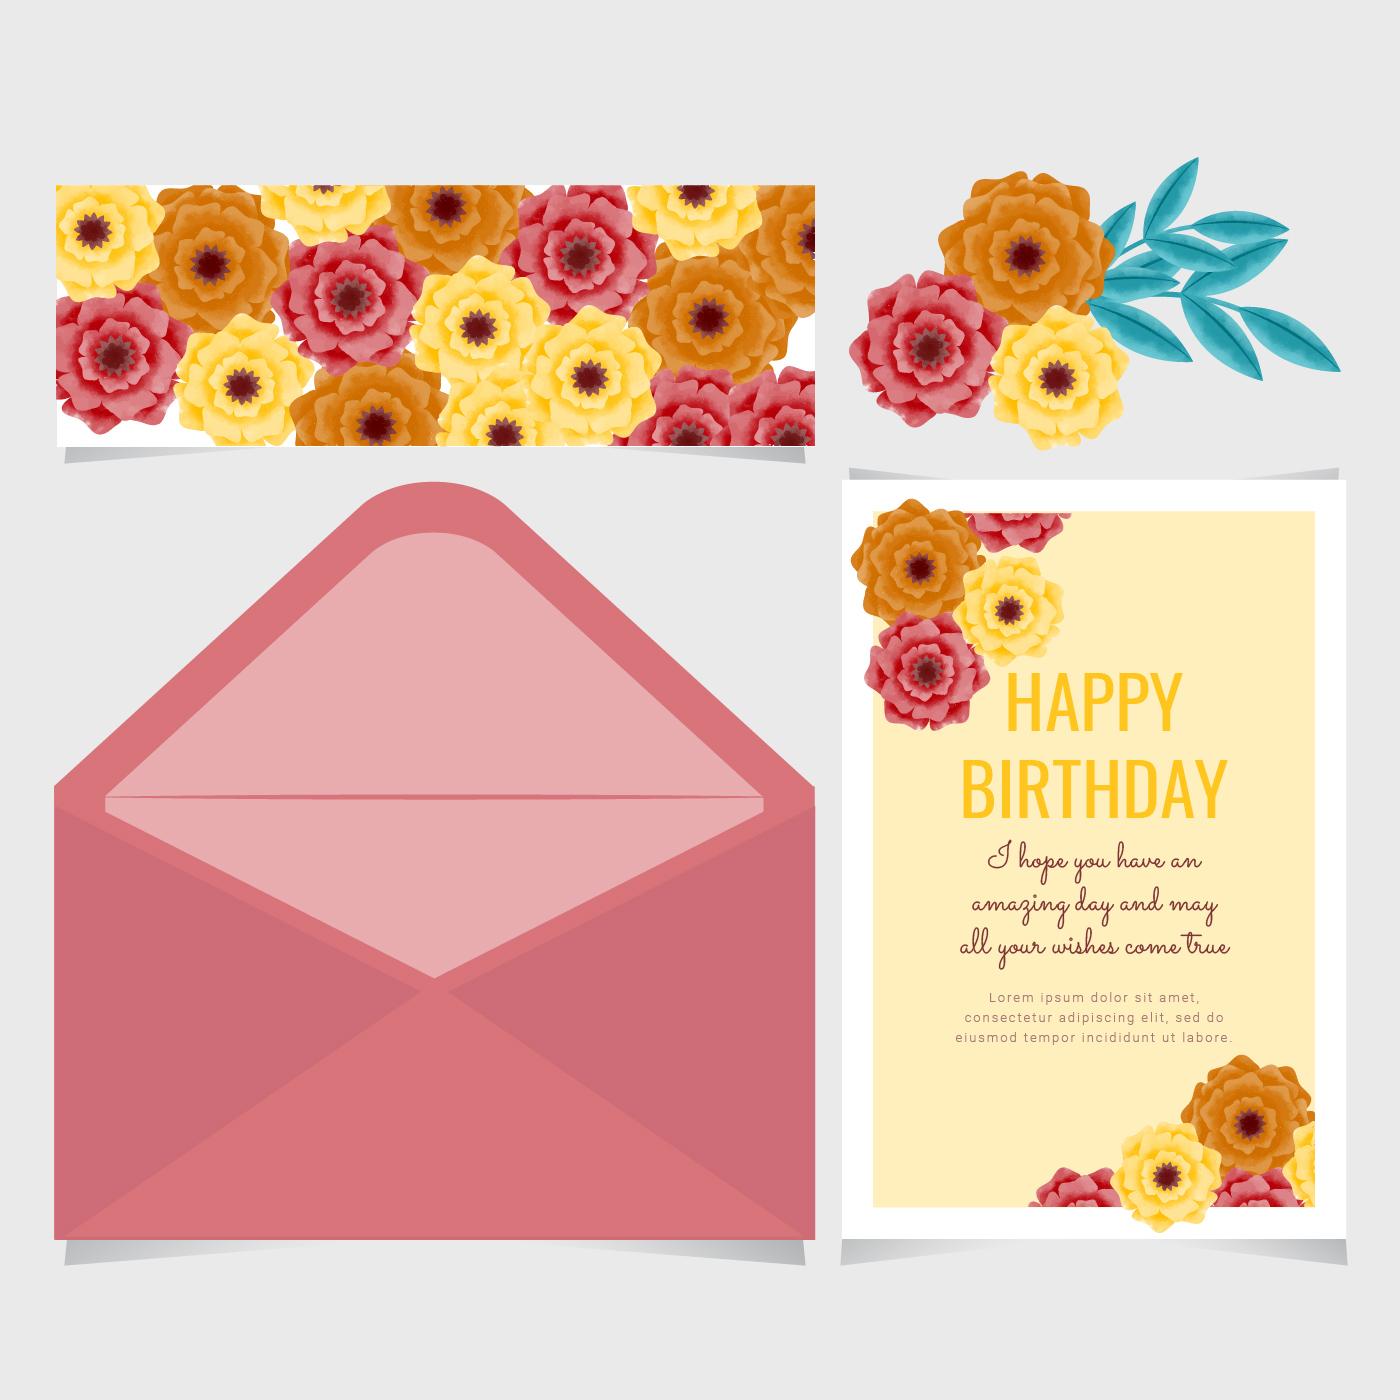 Vector paper flower birthday card download free vector art stock vector paper flower birthday card download free vector art stock graphics images izmirmasajfo